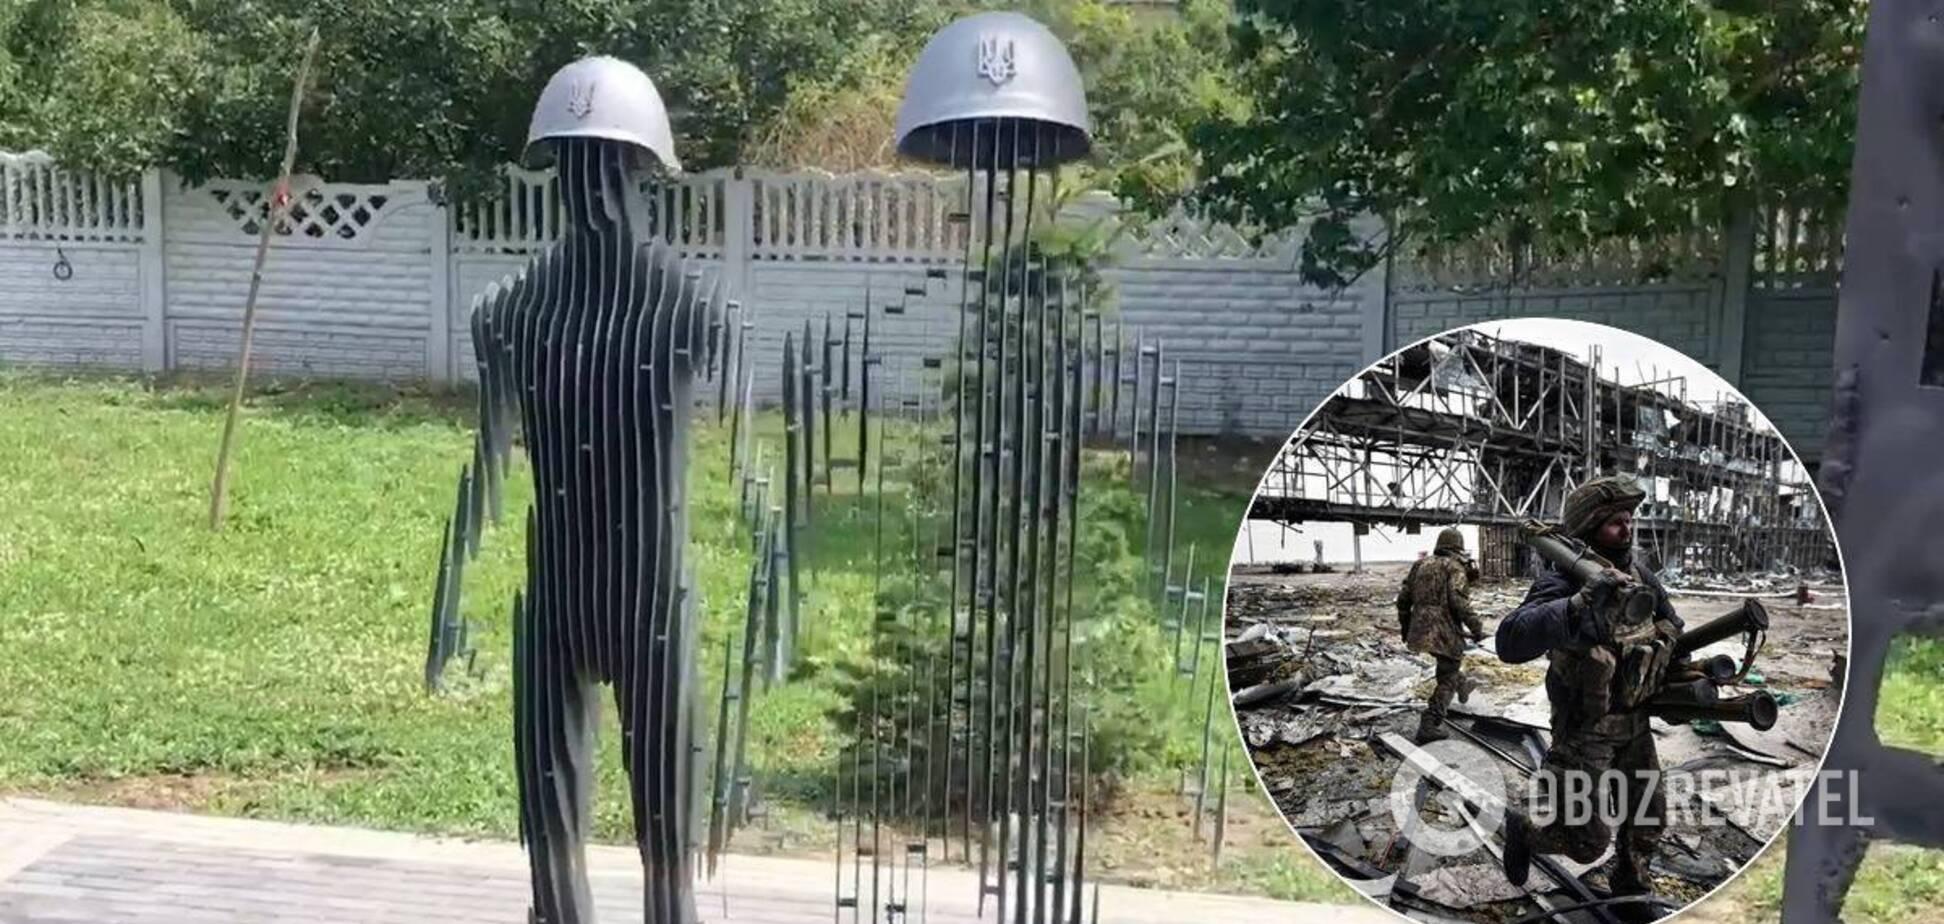 Украинцев поразил памятник киборгам, который 'исчезает'. Видео